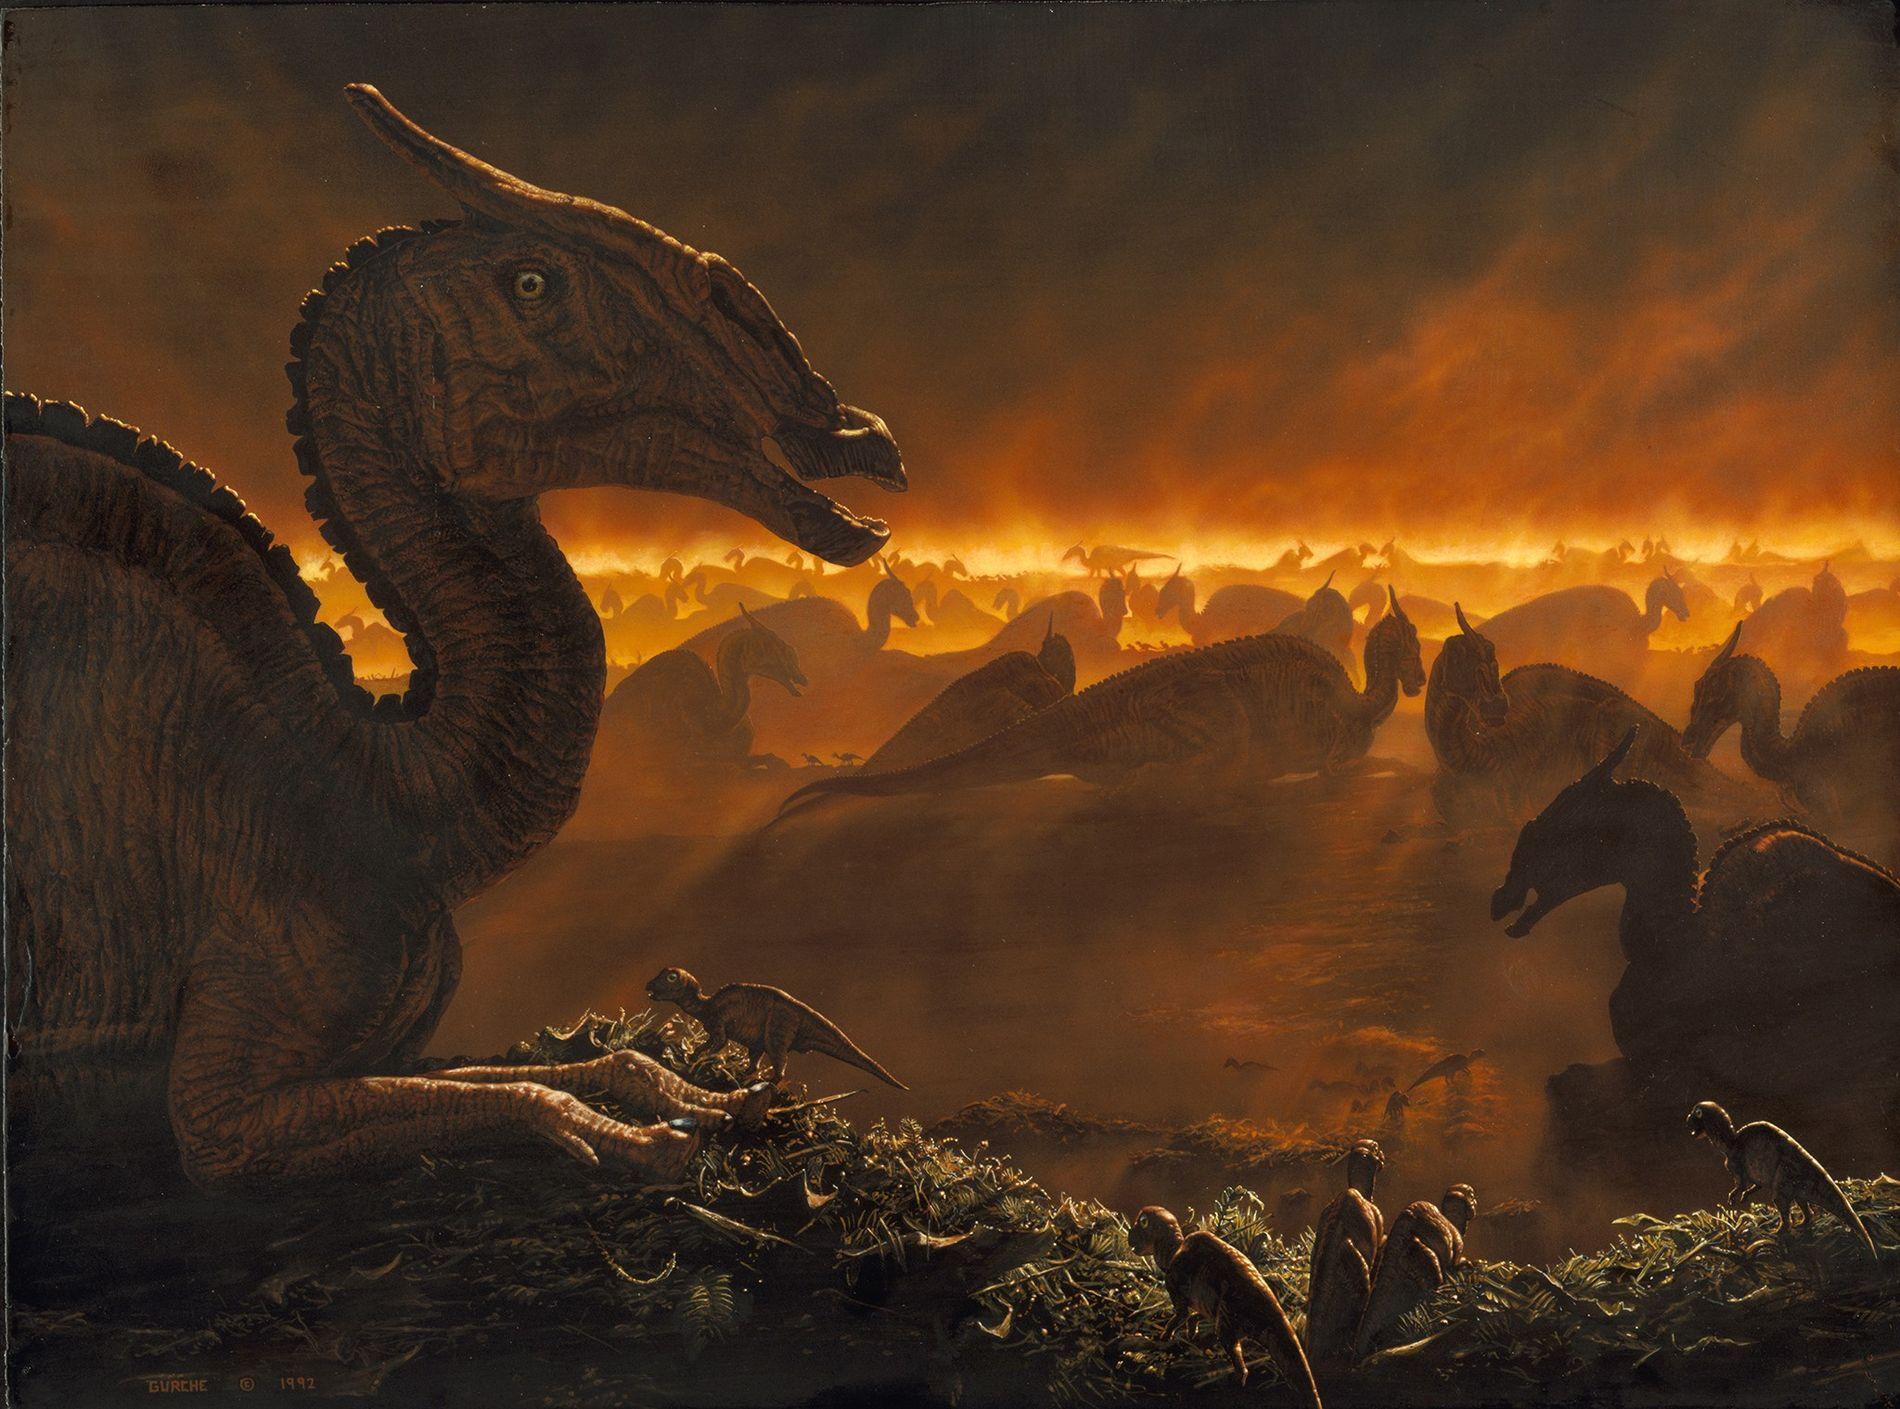 Saurolophus da Mongólia se reúnem no amanhecer em meio ao nevoeiro, conforme exibido em uma pintura. Dinossauros terrestres morreram há 66 milhões de anos em um cataclismo provavelmente causado pelo impacto de um grande asteroide. Agora, dois estudos ajudam a esclarecer a influência de enormes vulcões em erupção na mesma época.